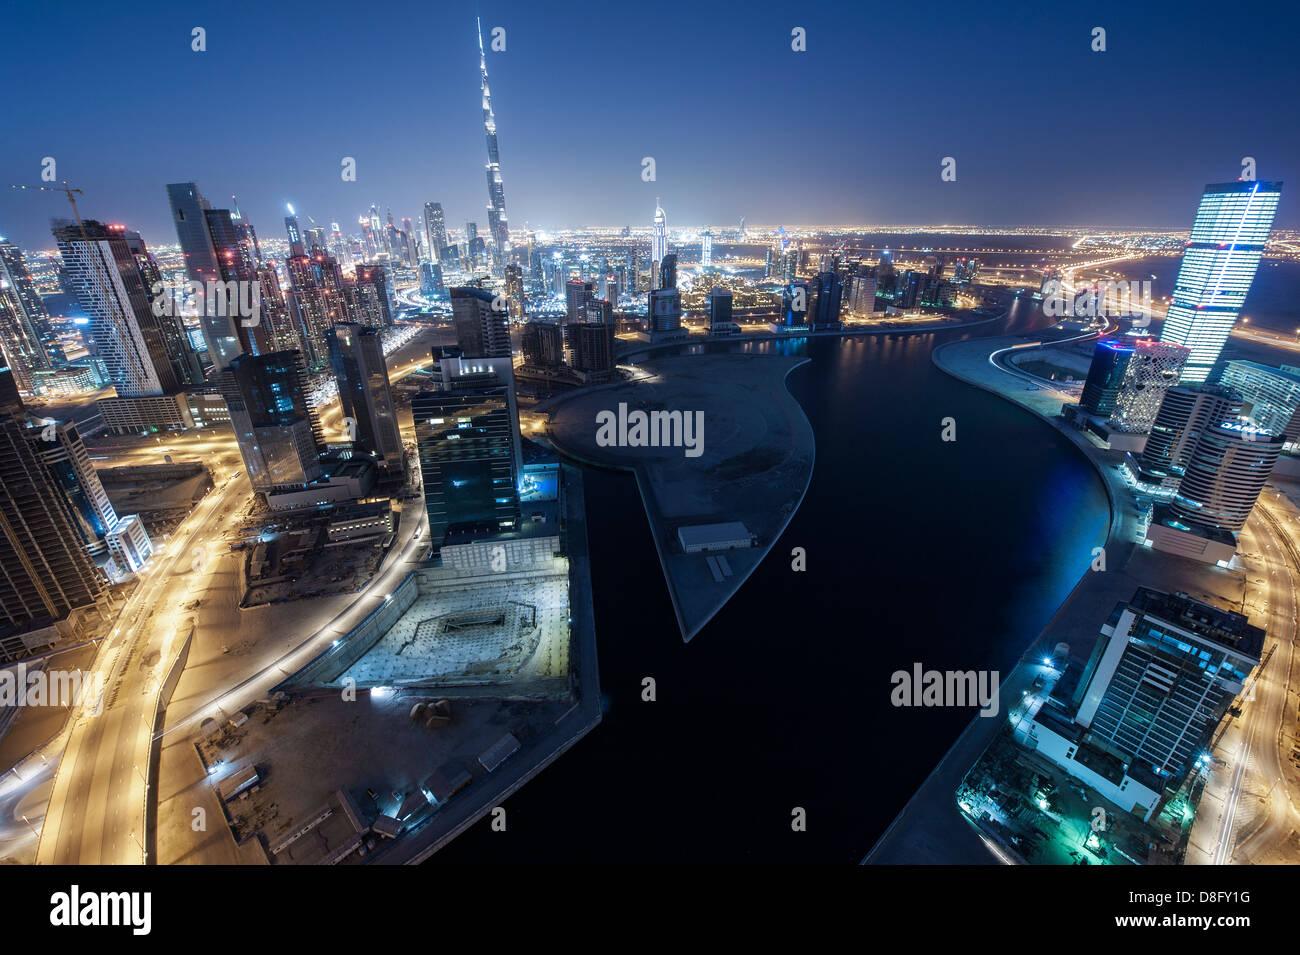 Vista de la Bahía de Negocios y Burj Khalifa en la noche, el centro de Dubai, EAU Foto de stock